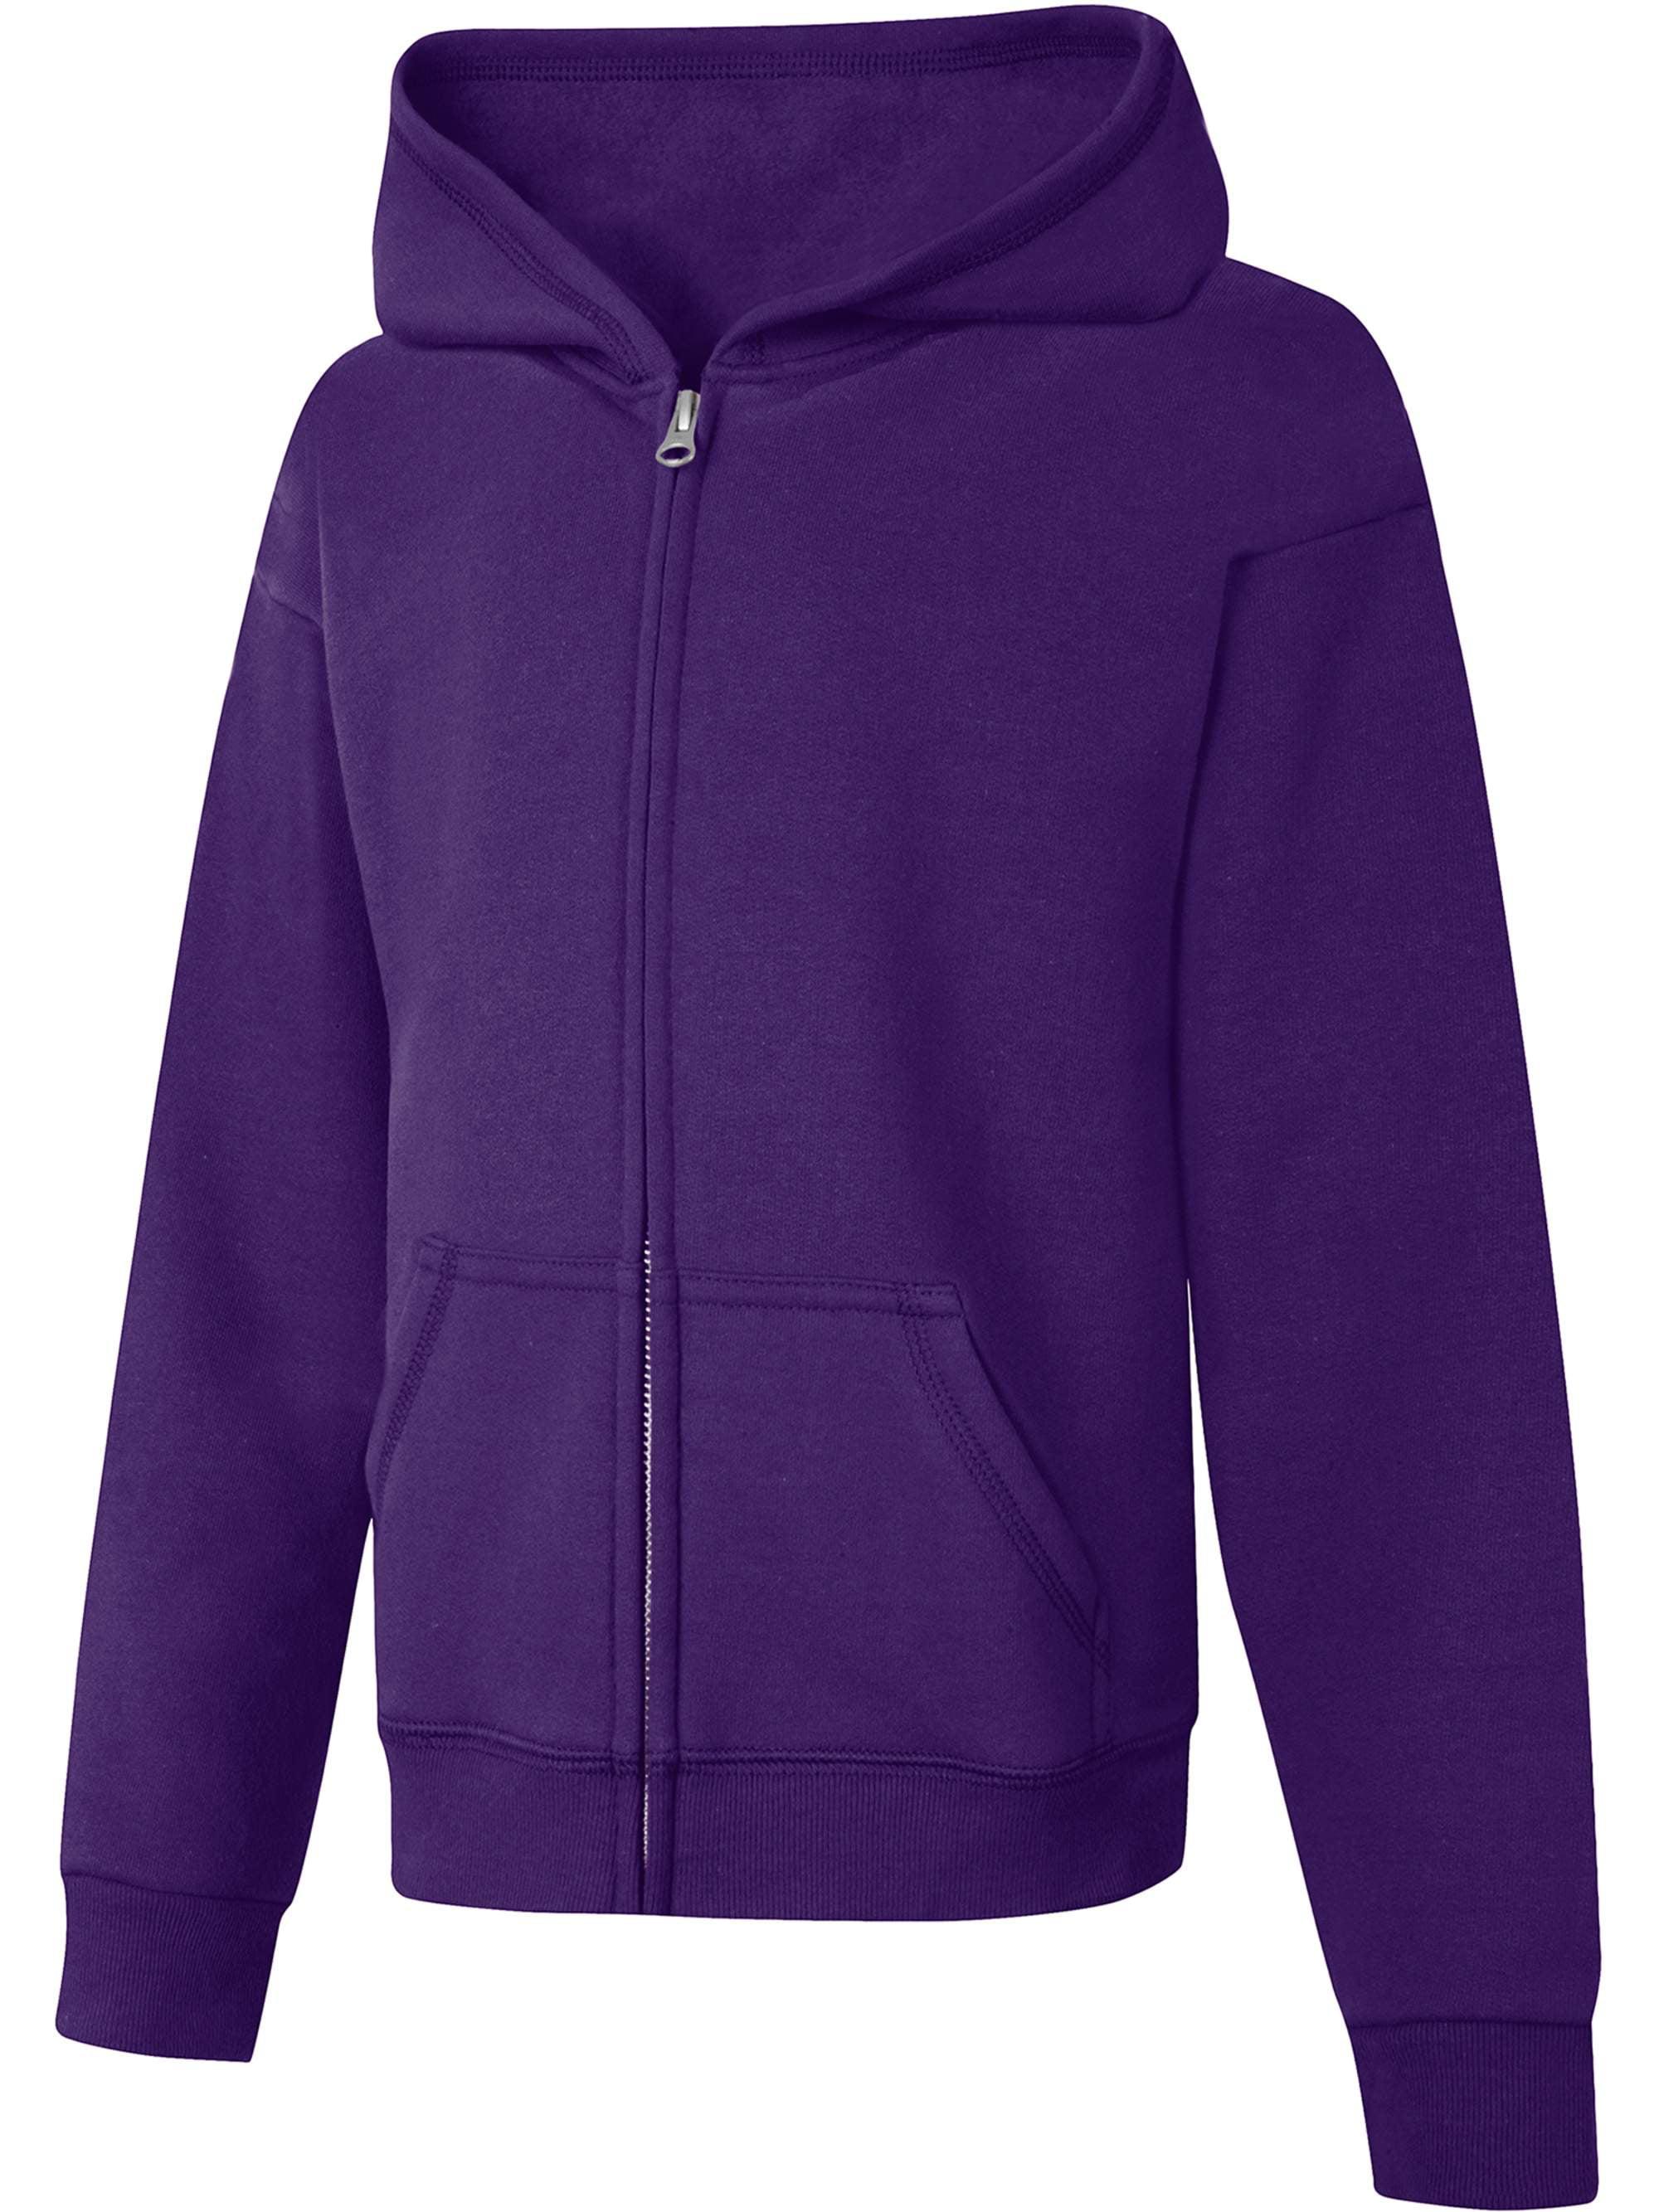 Girls' Fleece Zip Hood Jacket